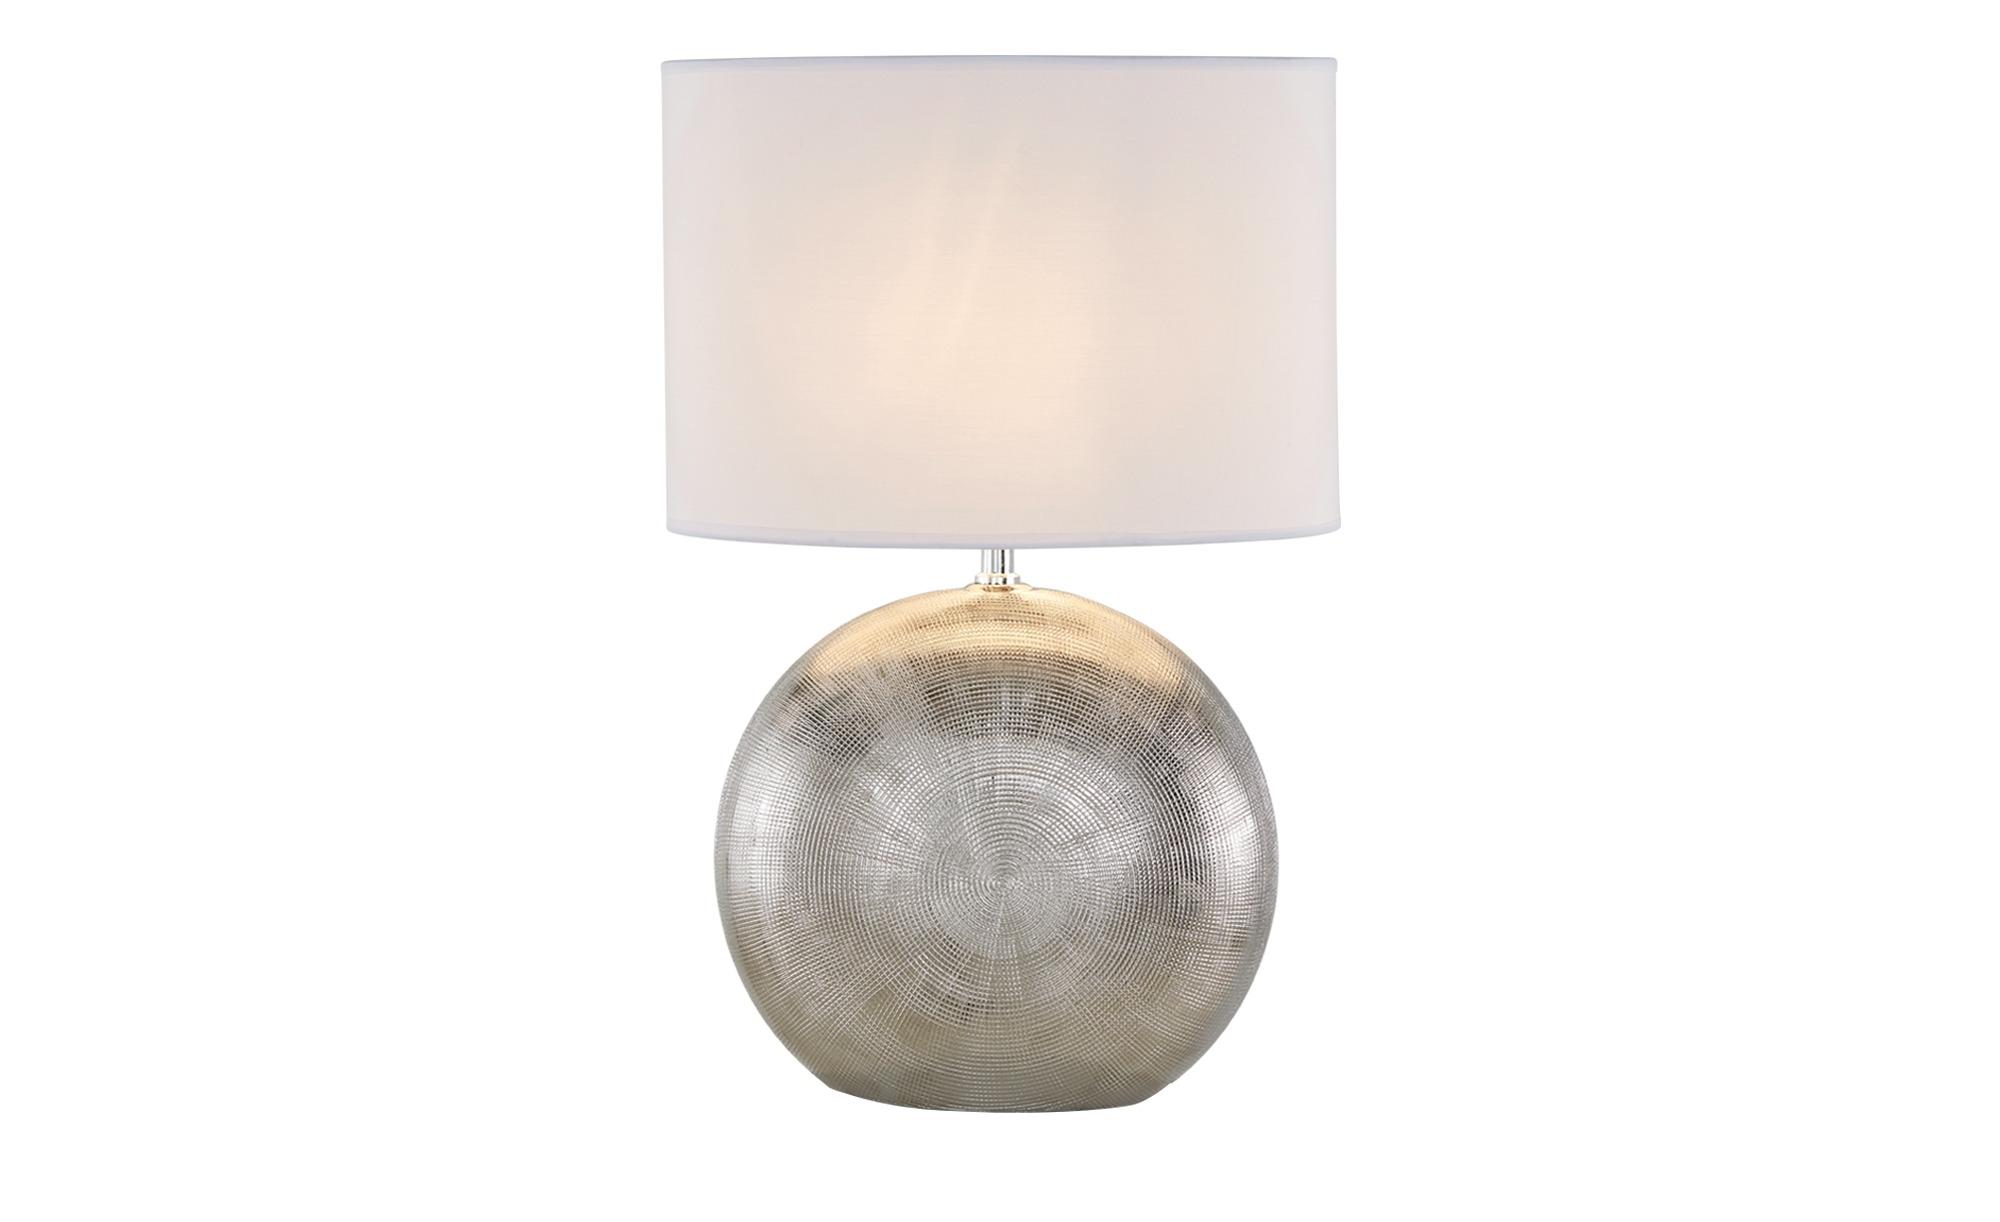 Tischleuchte 1-flg. Fuß mit Ornament,Schirm oval ¦ silber ¦ Maße (cm): H: 53 Lampen & Leuchten > Innenleuchten > Tischlampen - Höffner